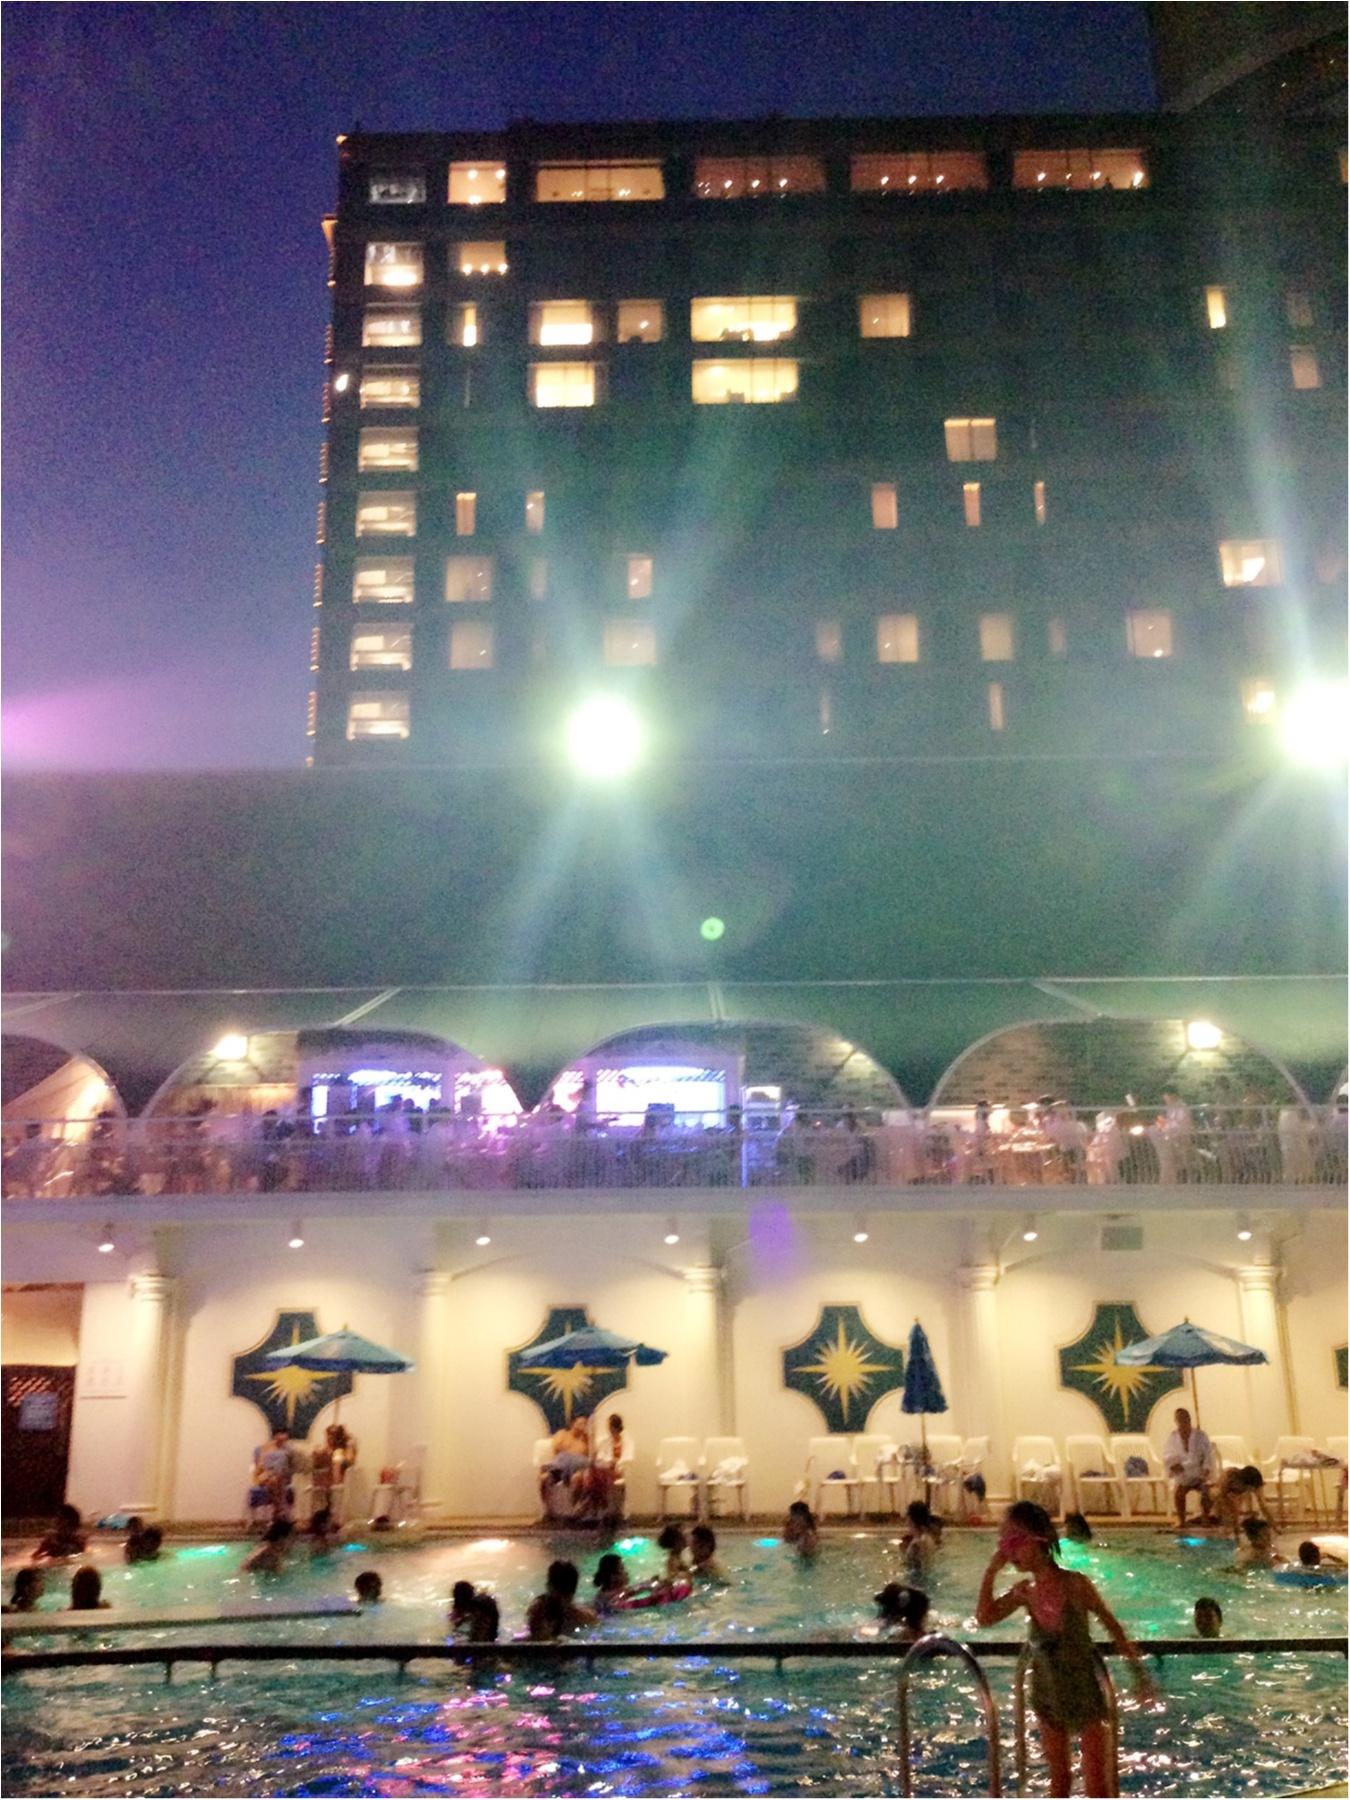 …ஐ 大人の楽園SUMMER༓【ホテルニューオータニナイトプール】で大人贅沢な時間を༓ஐ¨_1